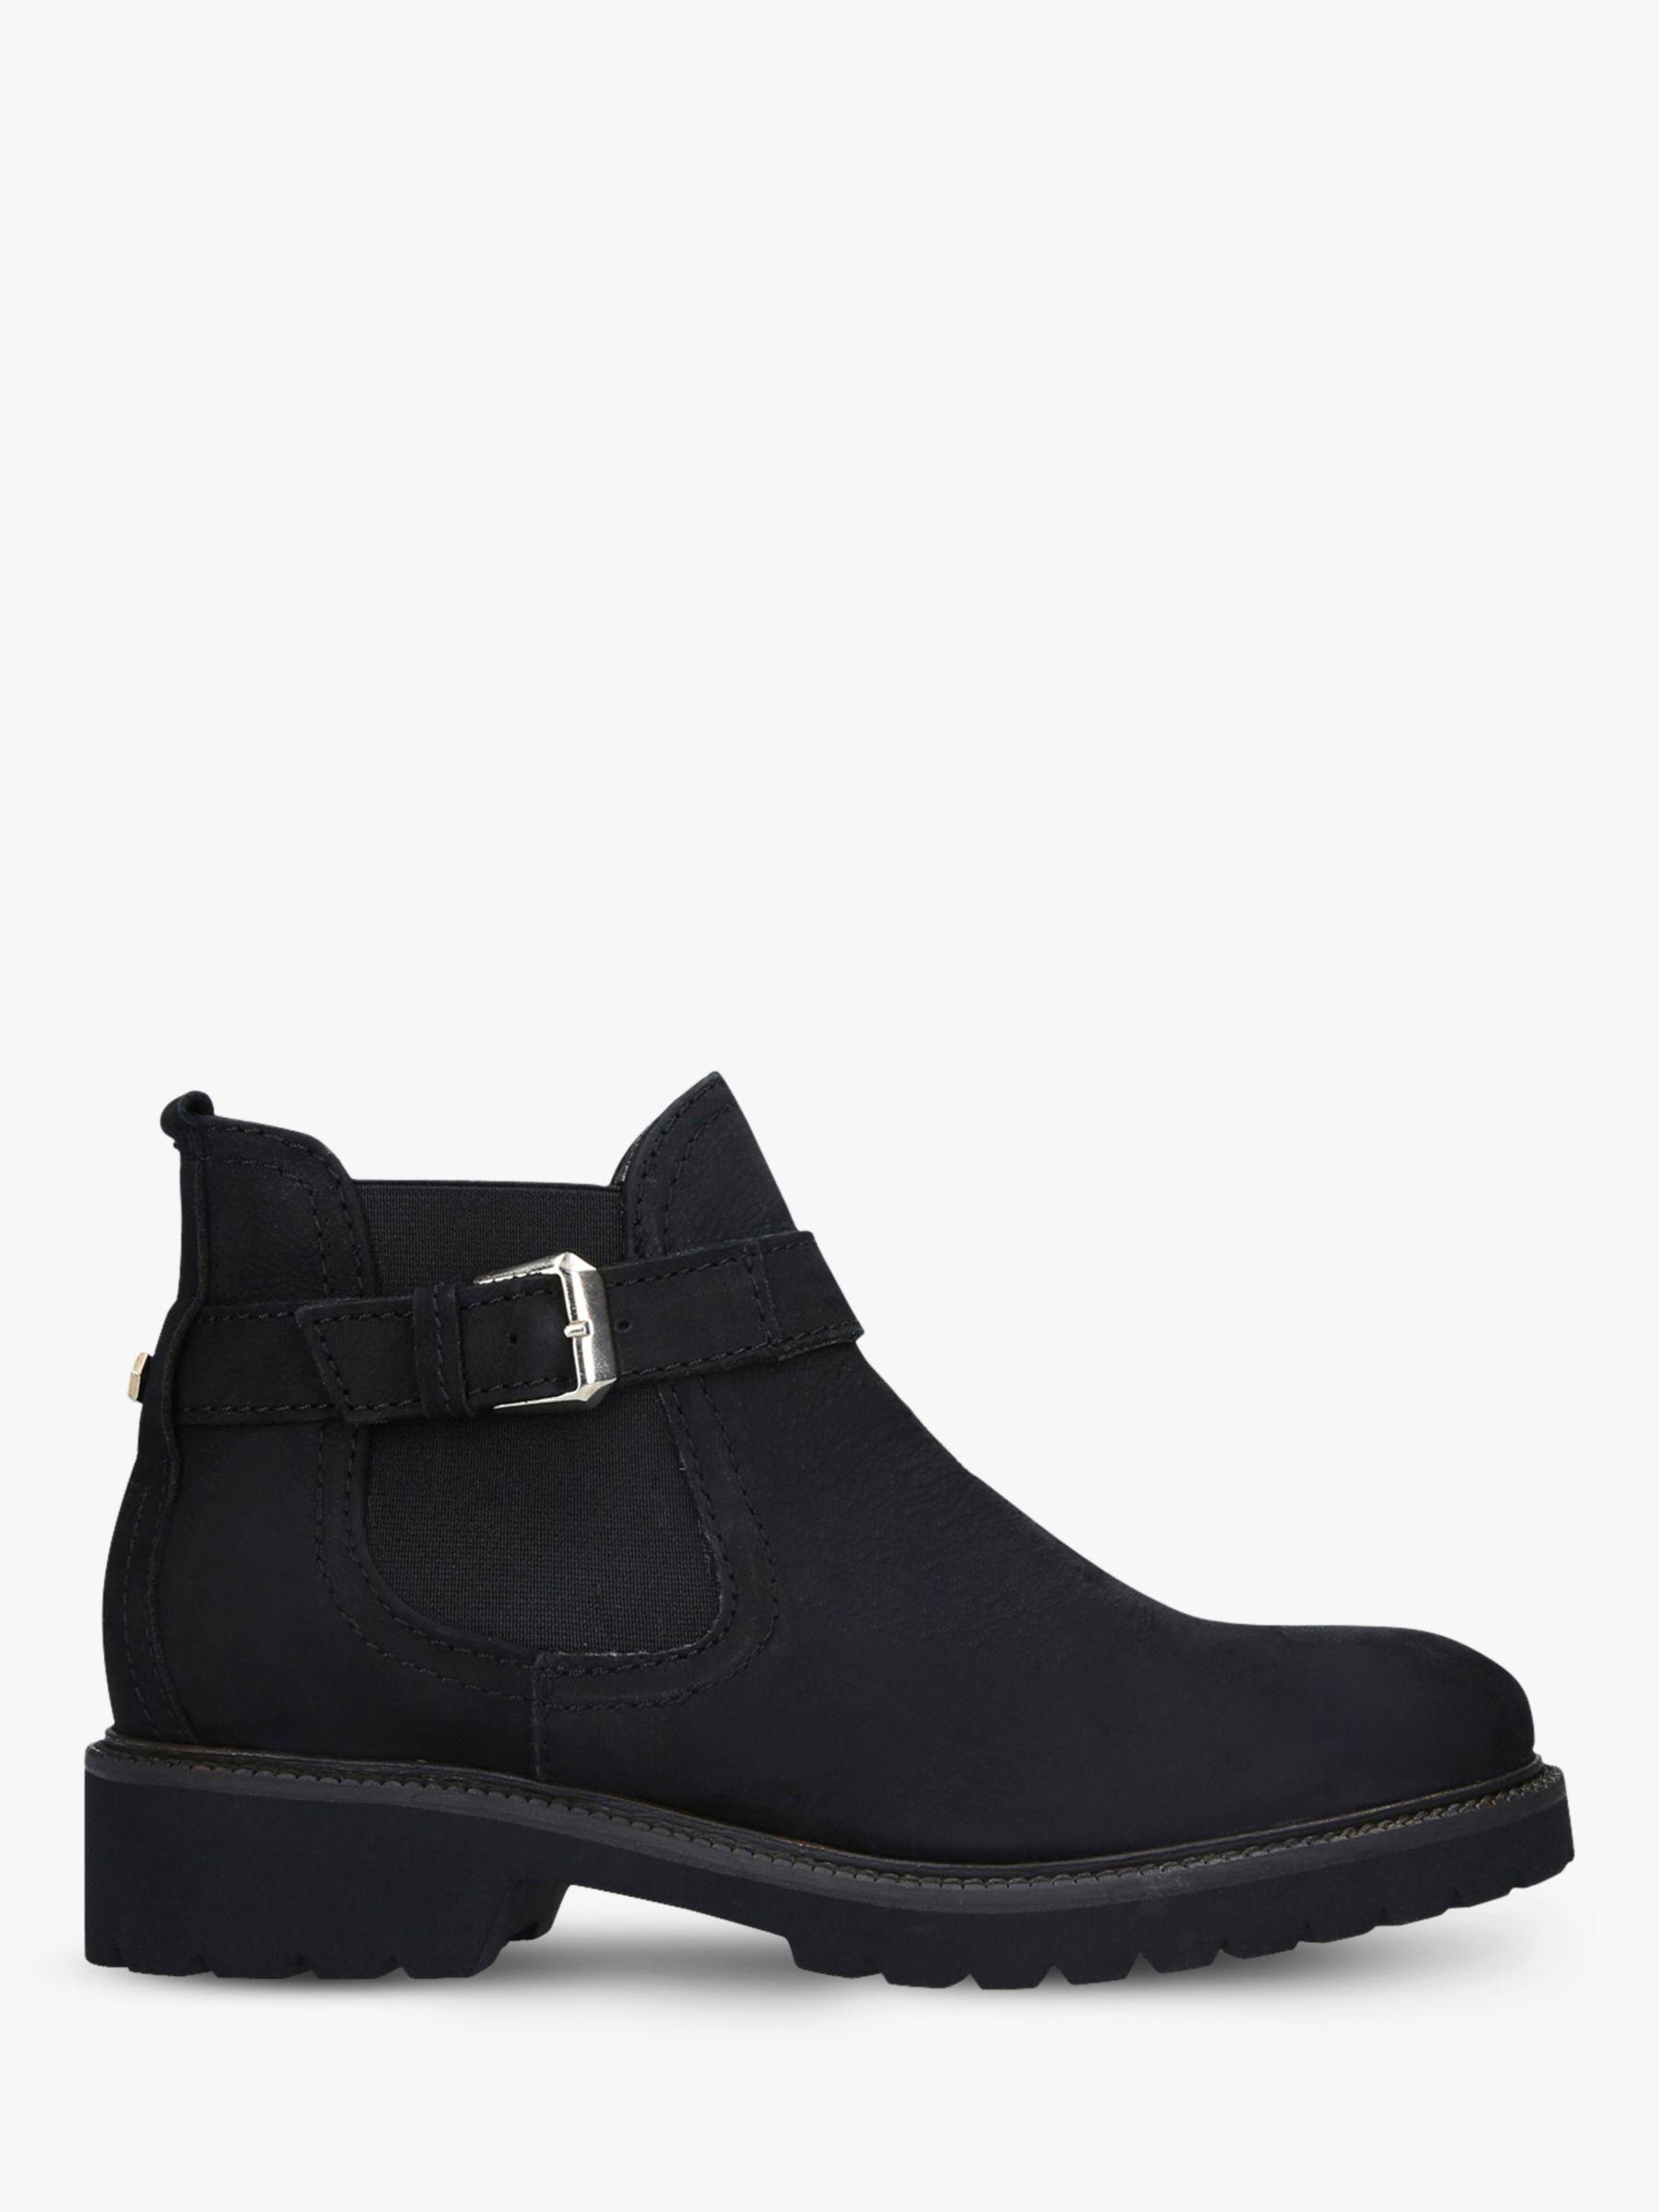 Carvela Comfort Carvela Comfort Radiant Leather Ankle Boots, Black